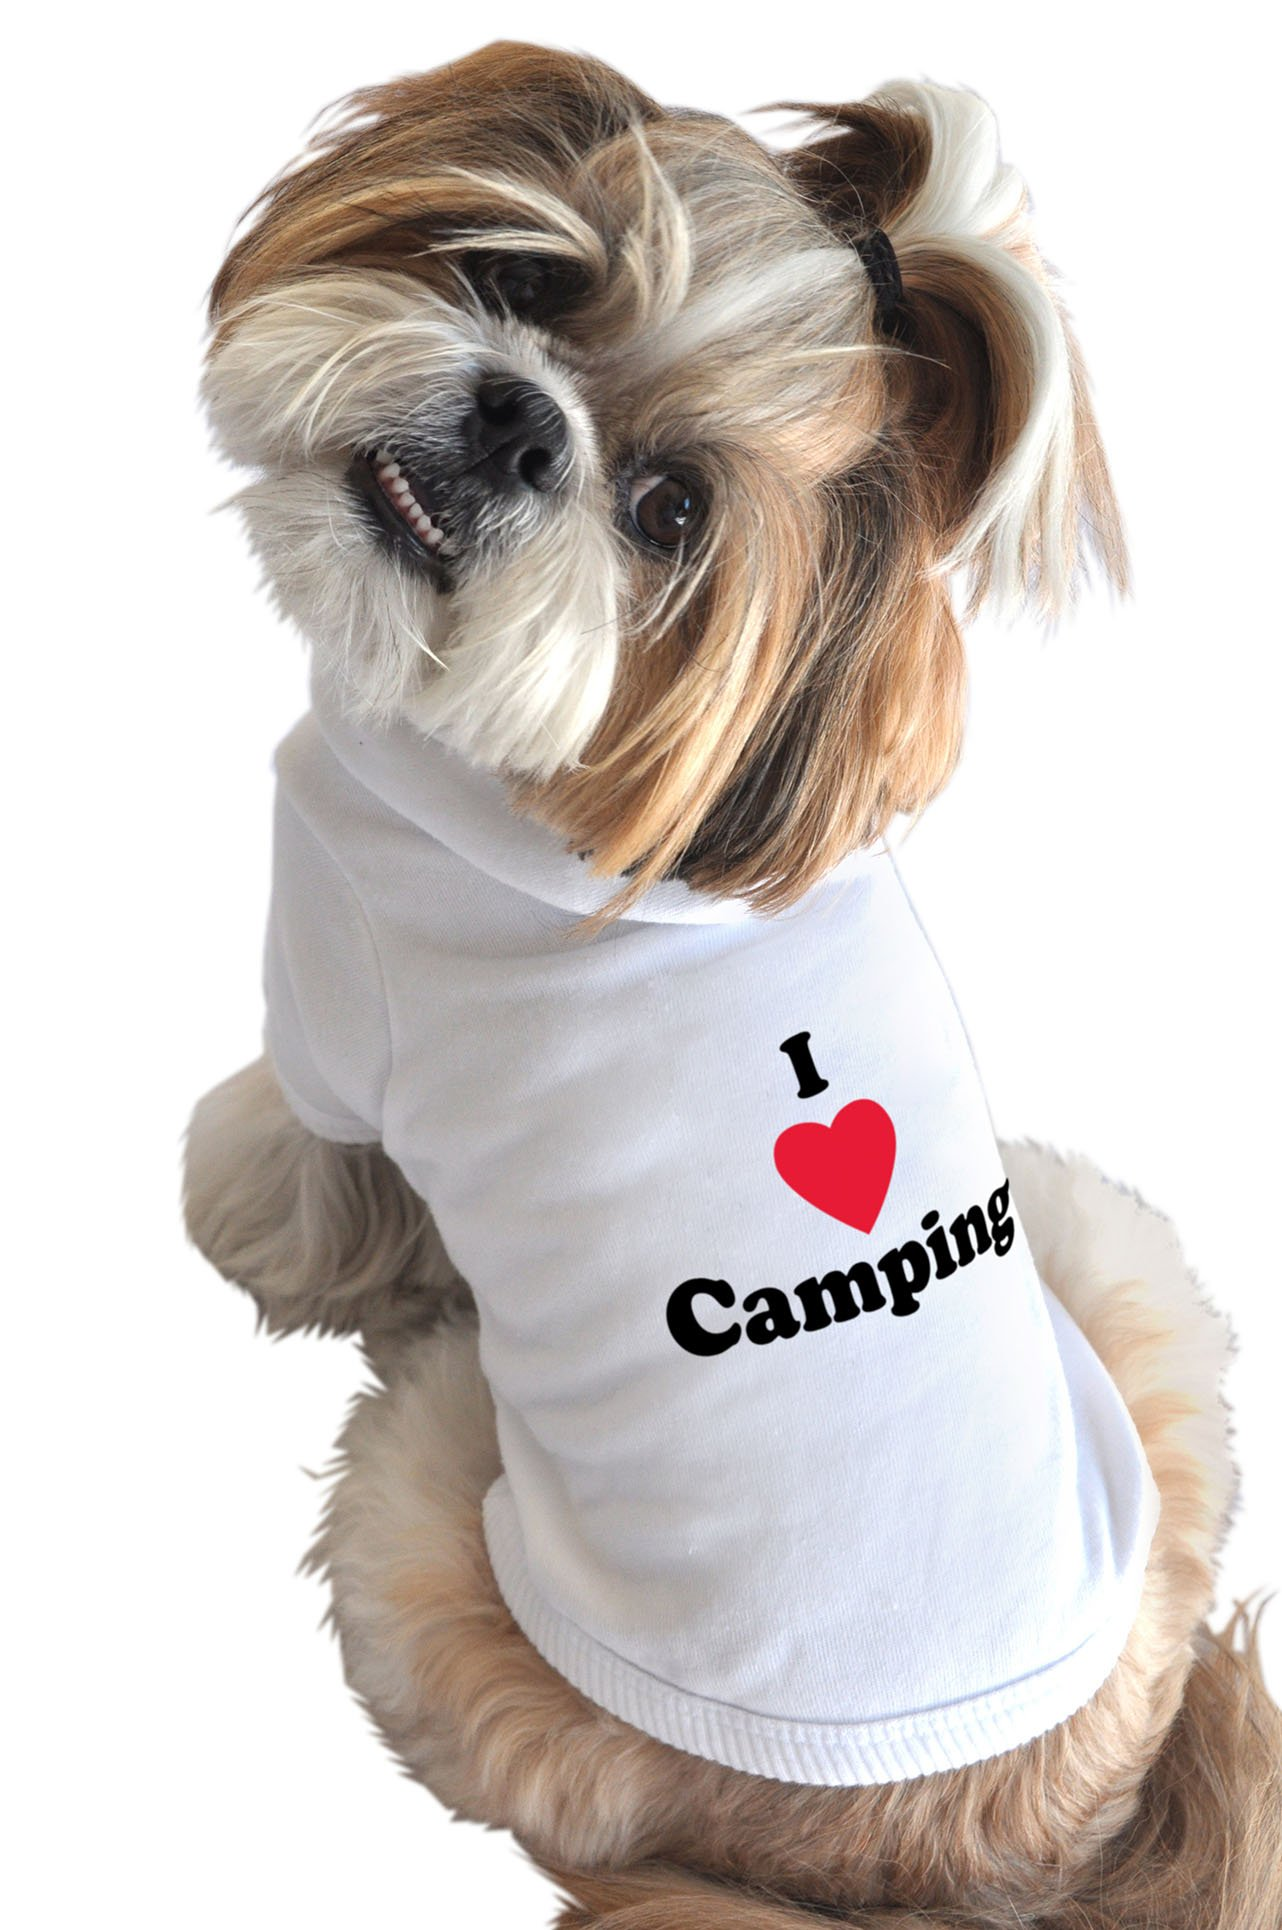 Ruff Ruff and Meow Dog Hoodie, I Love Camping, White, Medium